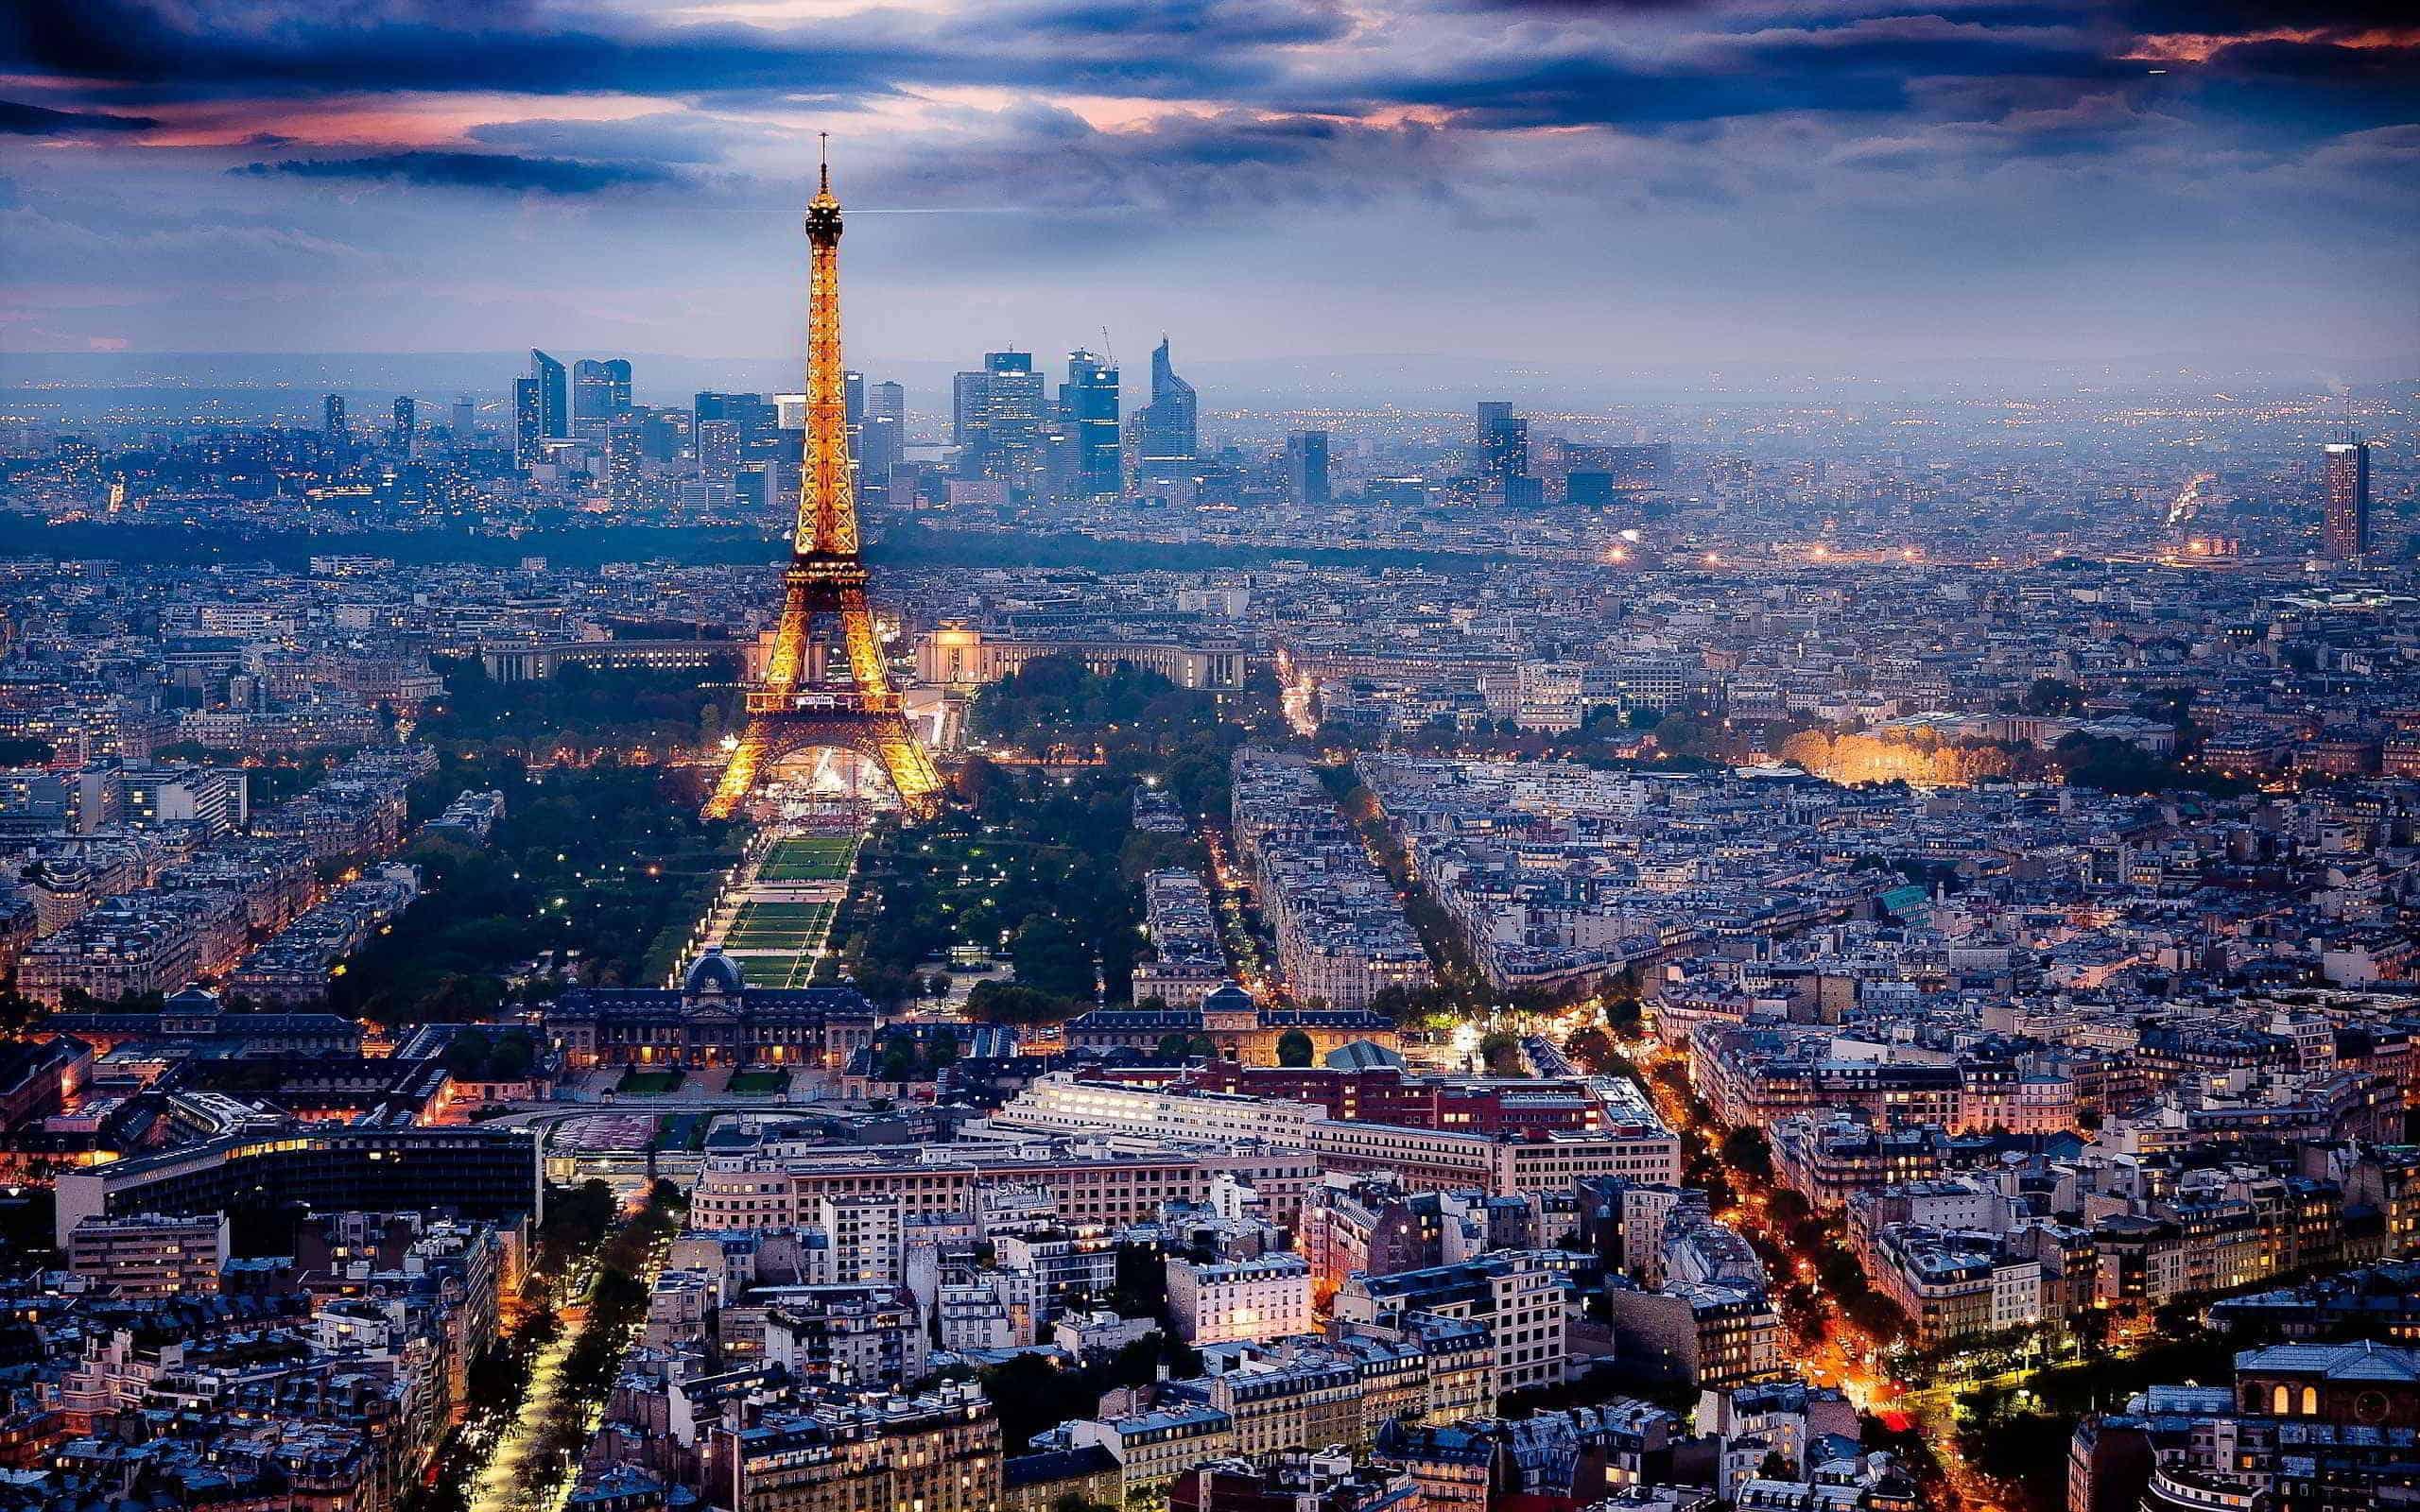 تقرير مفصل عن سلسلة فندق ايبيس باريس